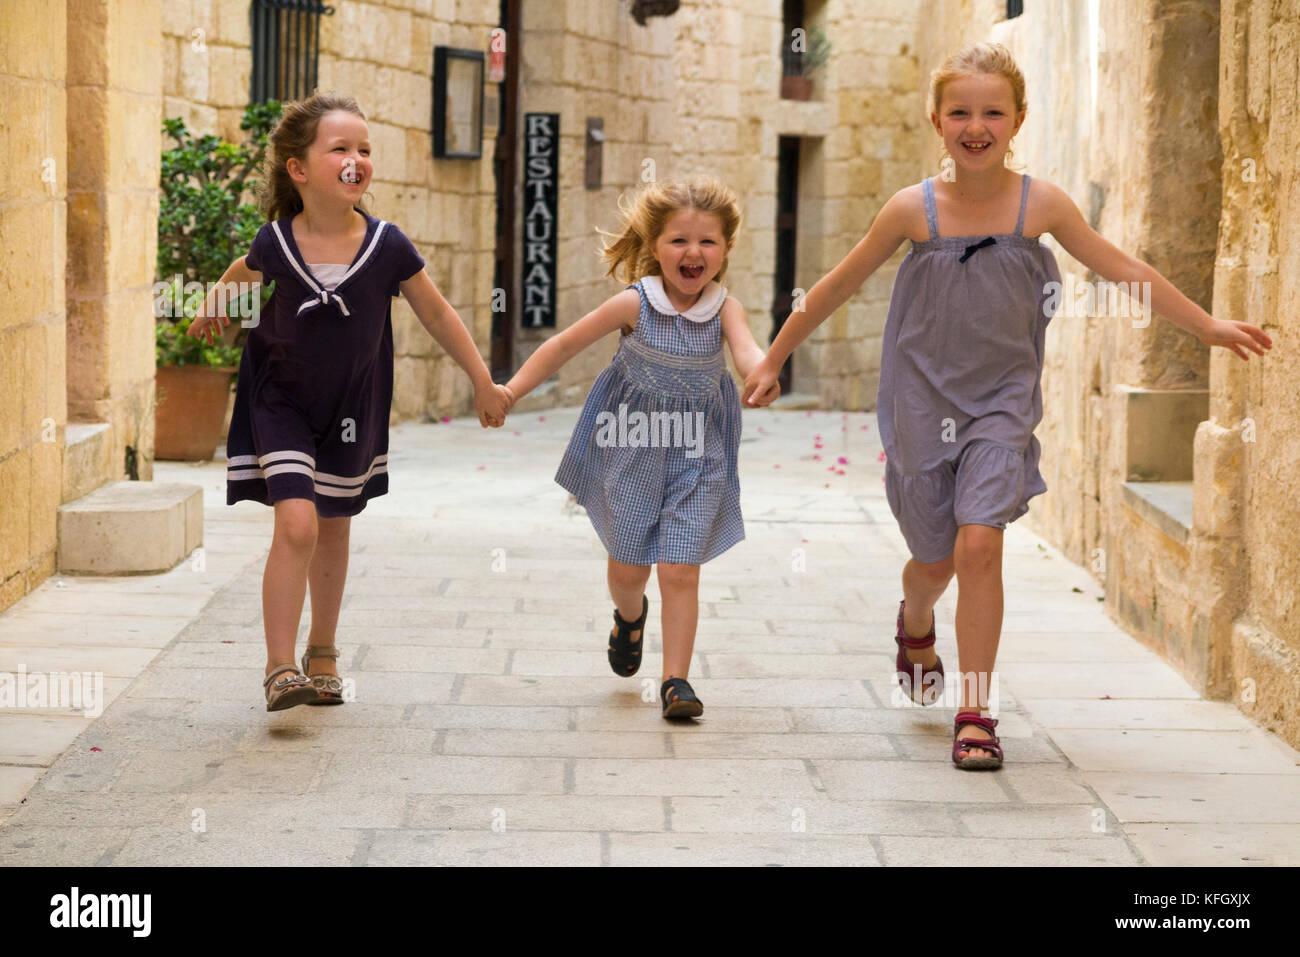 Tres jóvenes hermanas / niñas / Niños / kids / kid entre 7, 3 y 5 años de edad, en una familia Imagen De Stock